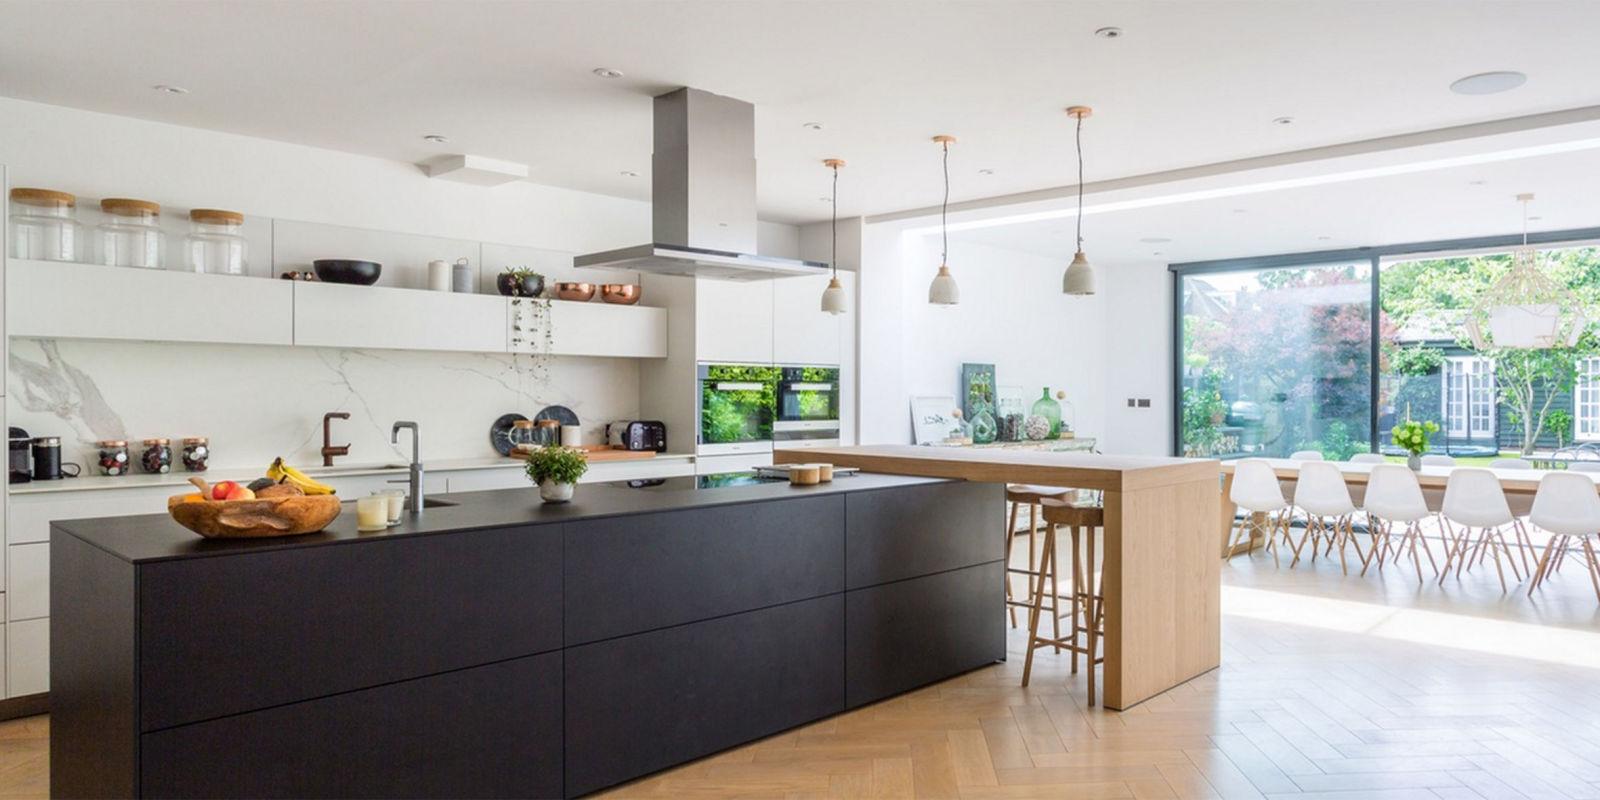 I 10 migliori siti di scambio casa tipo airbnb per for Siti di arredamento casa